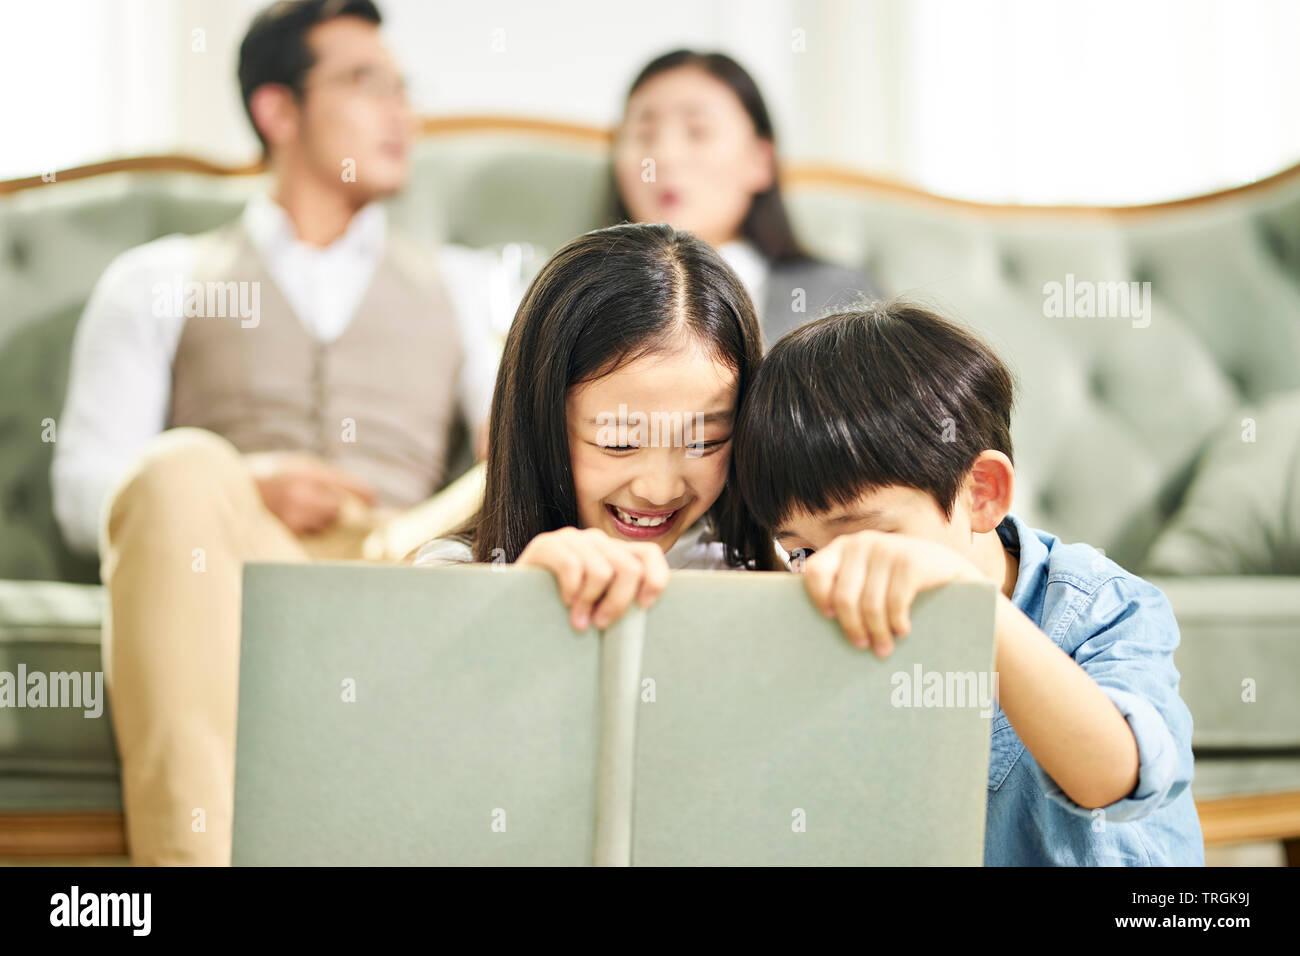 Deux enfants frère et sœur asiatique assis sur un tapis lecture livre ensemble en famille séjour avec les parents assis sur le canapé dans l'arrière-plan. Banque D'Images